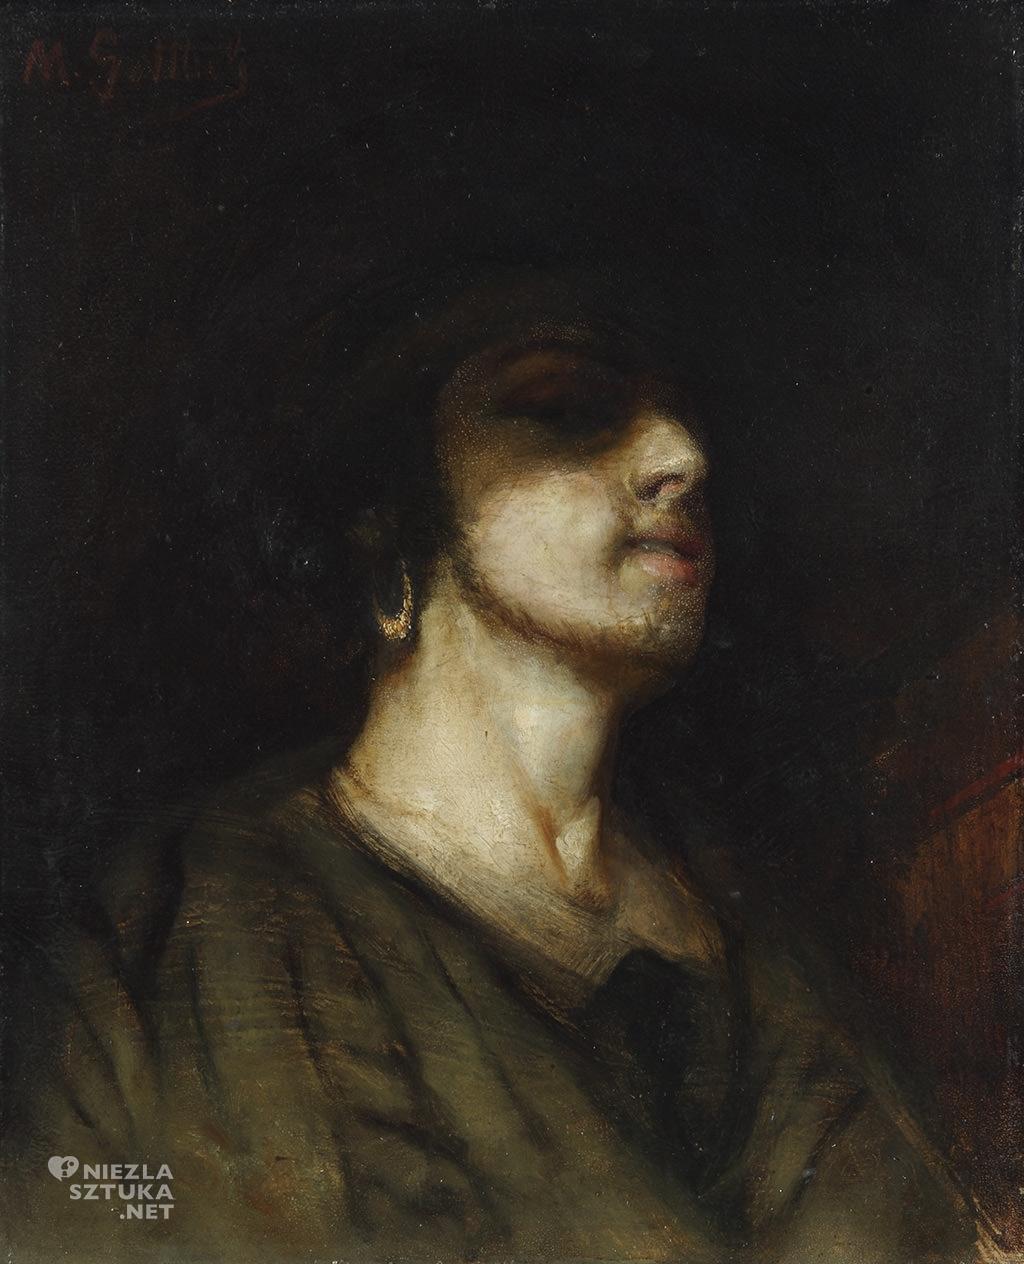 Maurycy Gottlieb, Autoportret